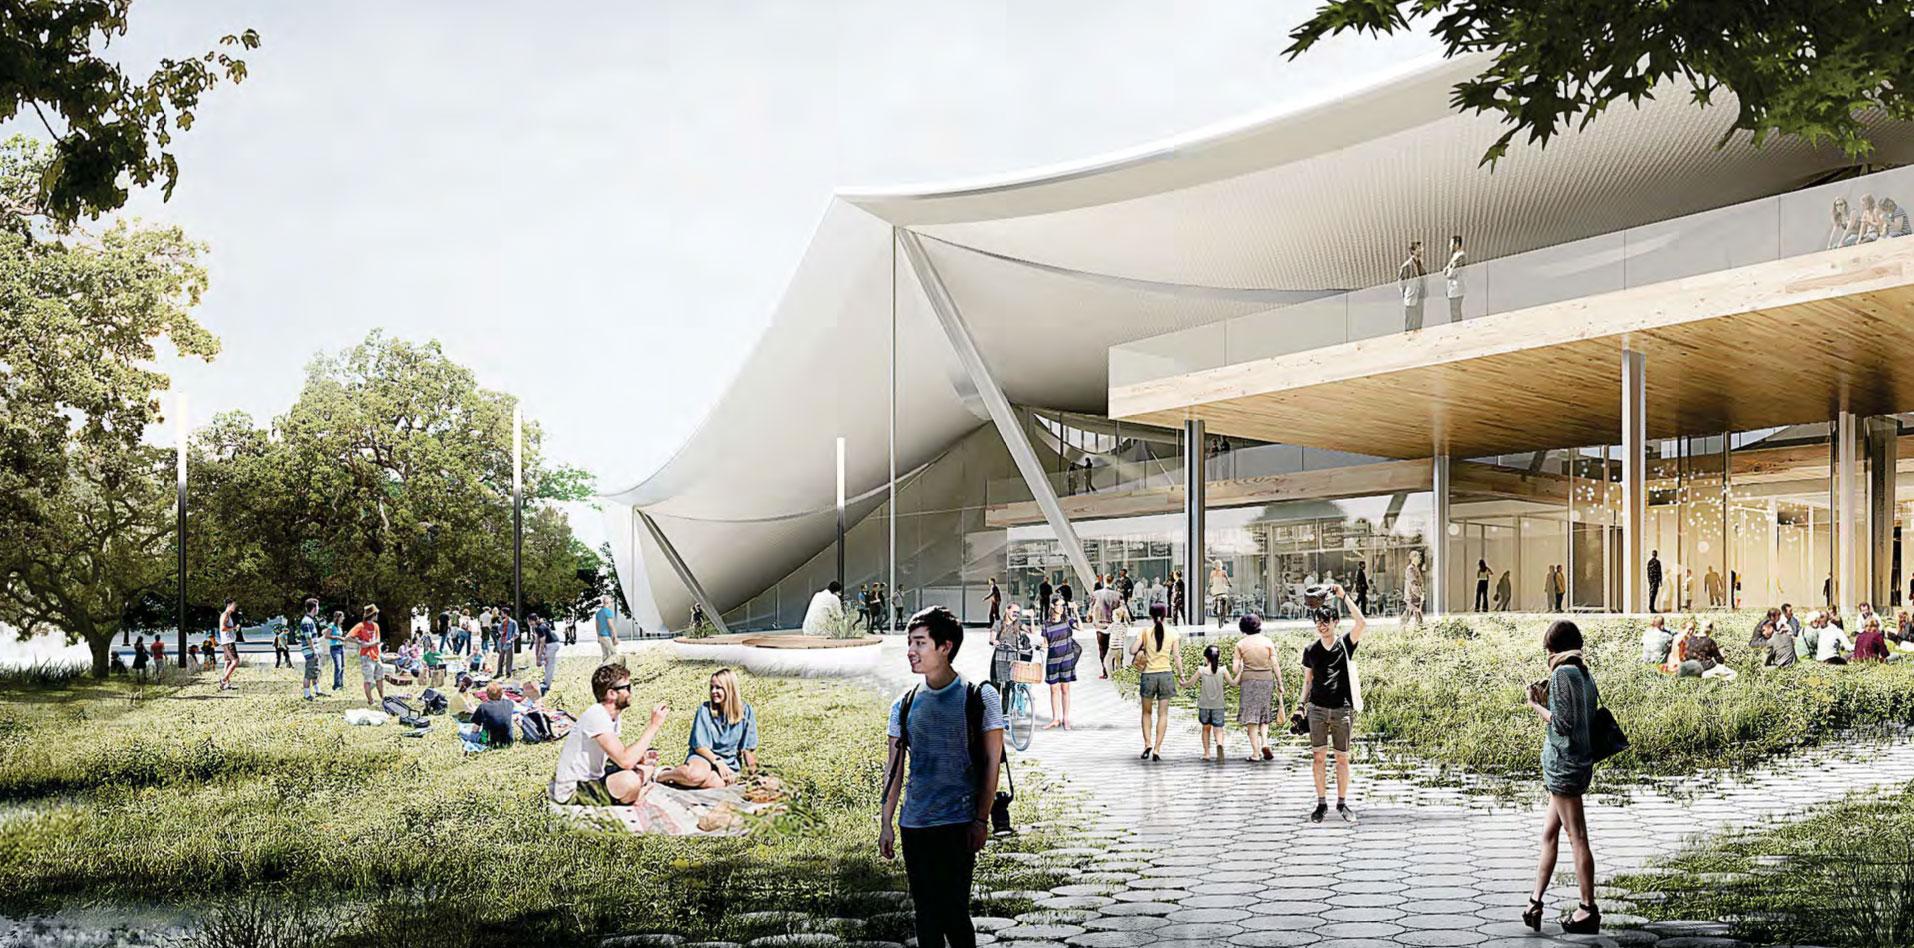 Visualización. Nueva propuesta de BIG y Heatherwick, para la sede de Google en California